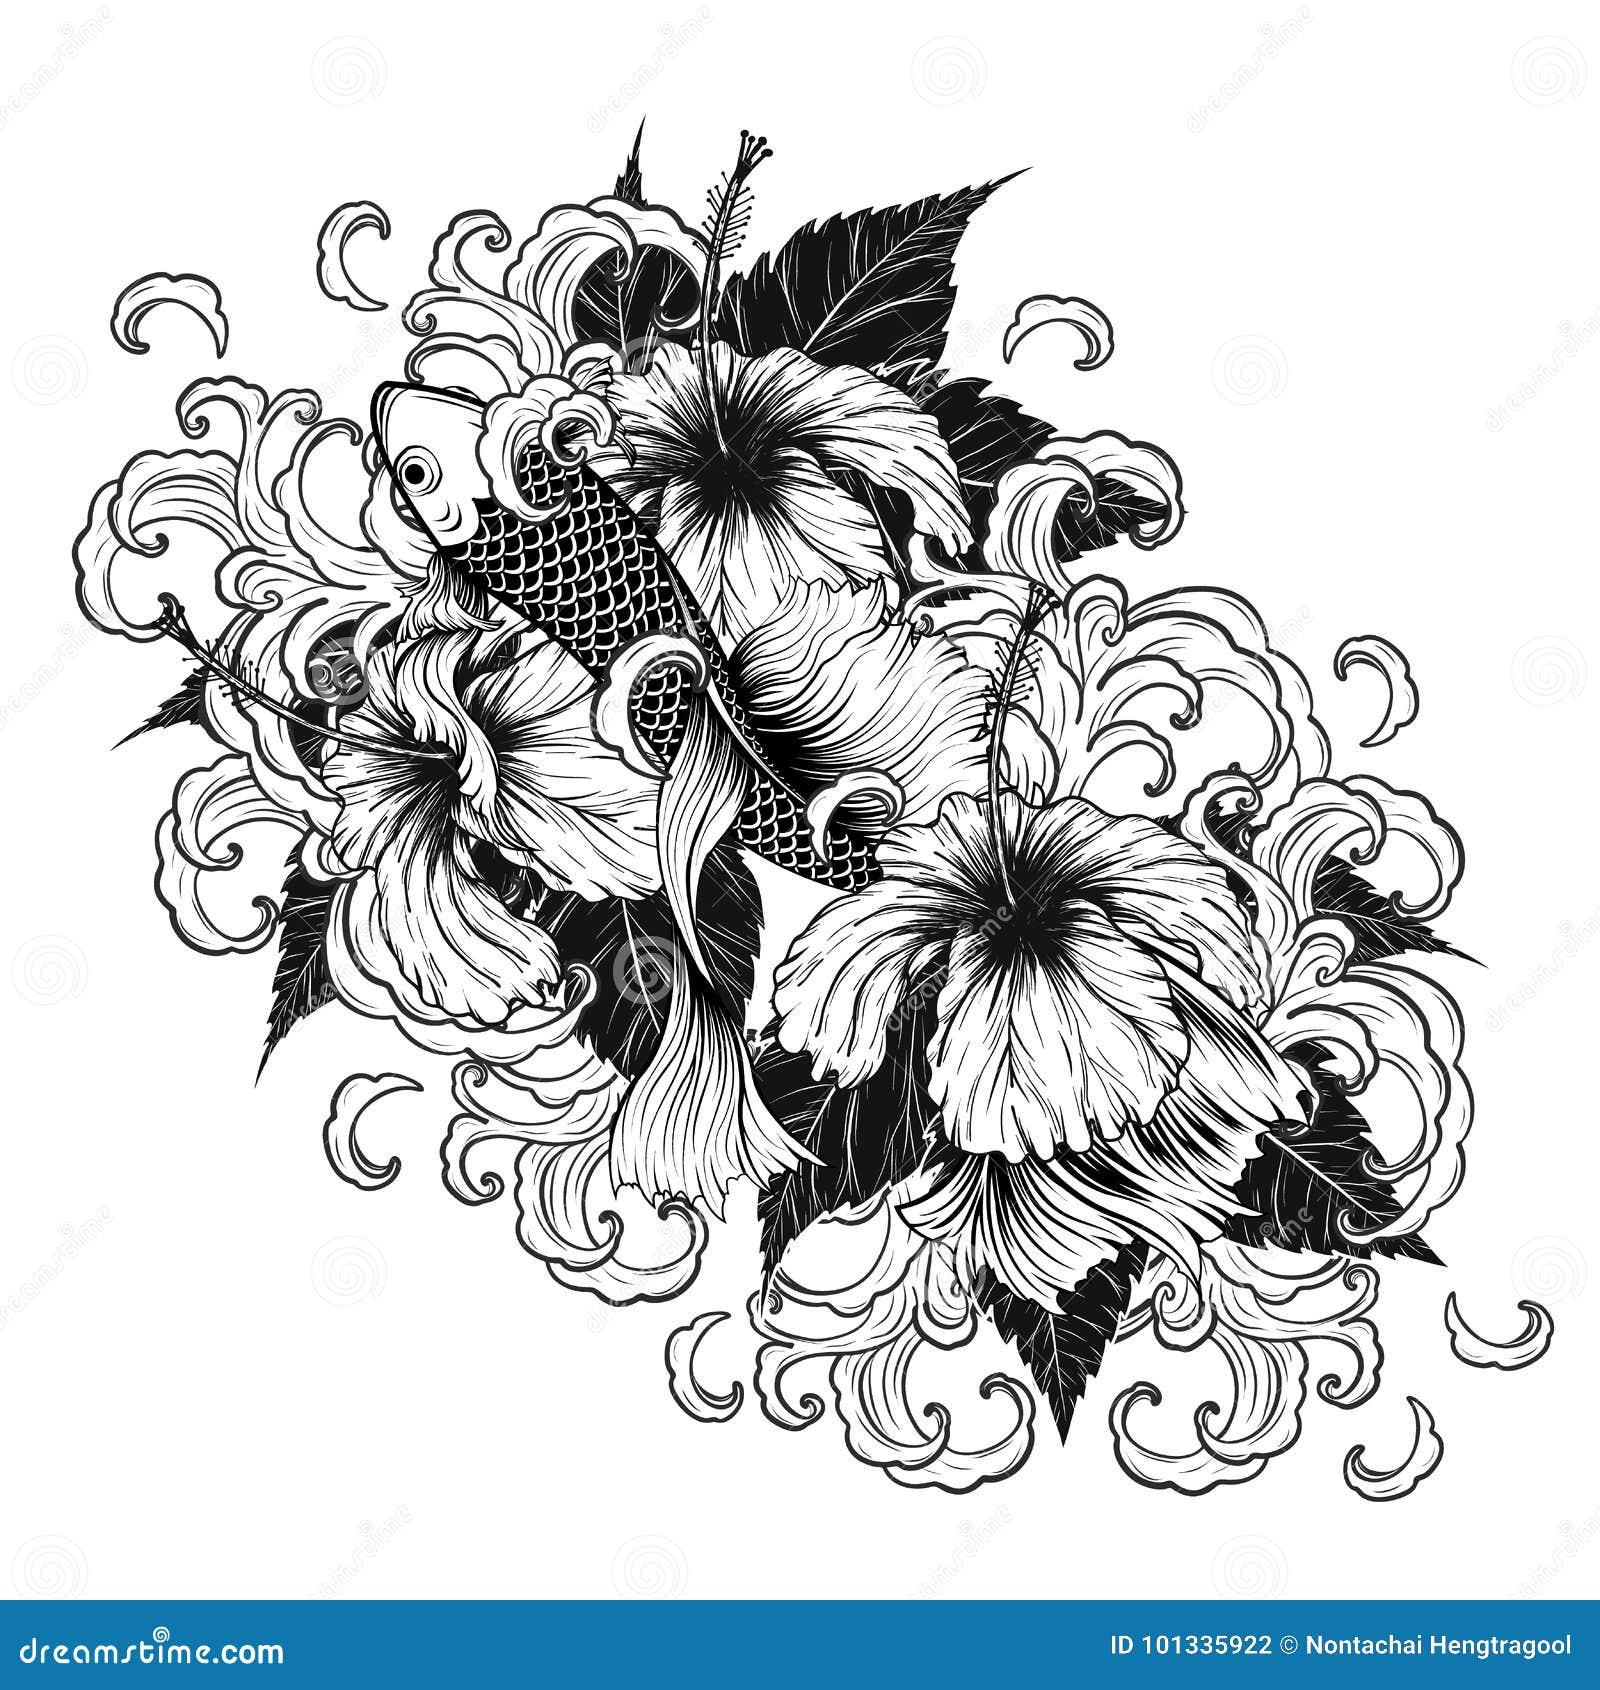 Koi fish and hibiscus tattoo by hand drawing stock vector koi fish and hibiscus tattoo by hand drawing izmirmasajfo